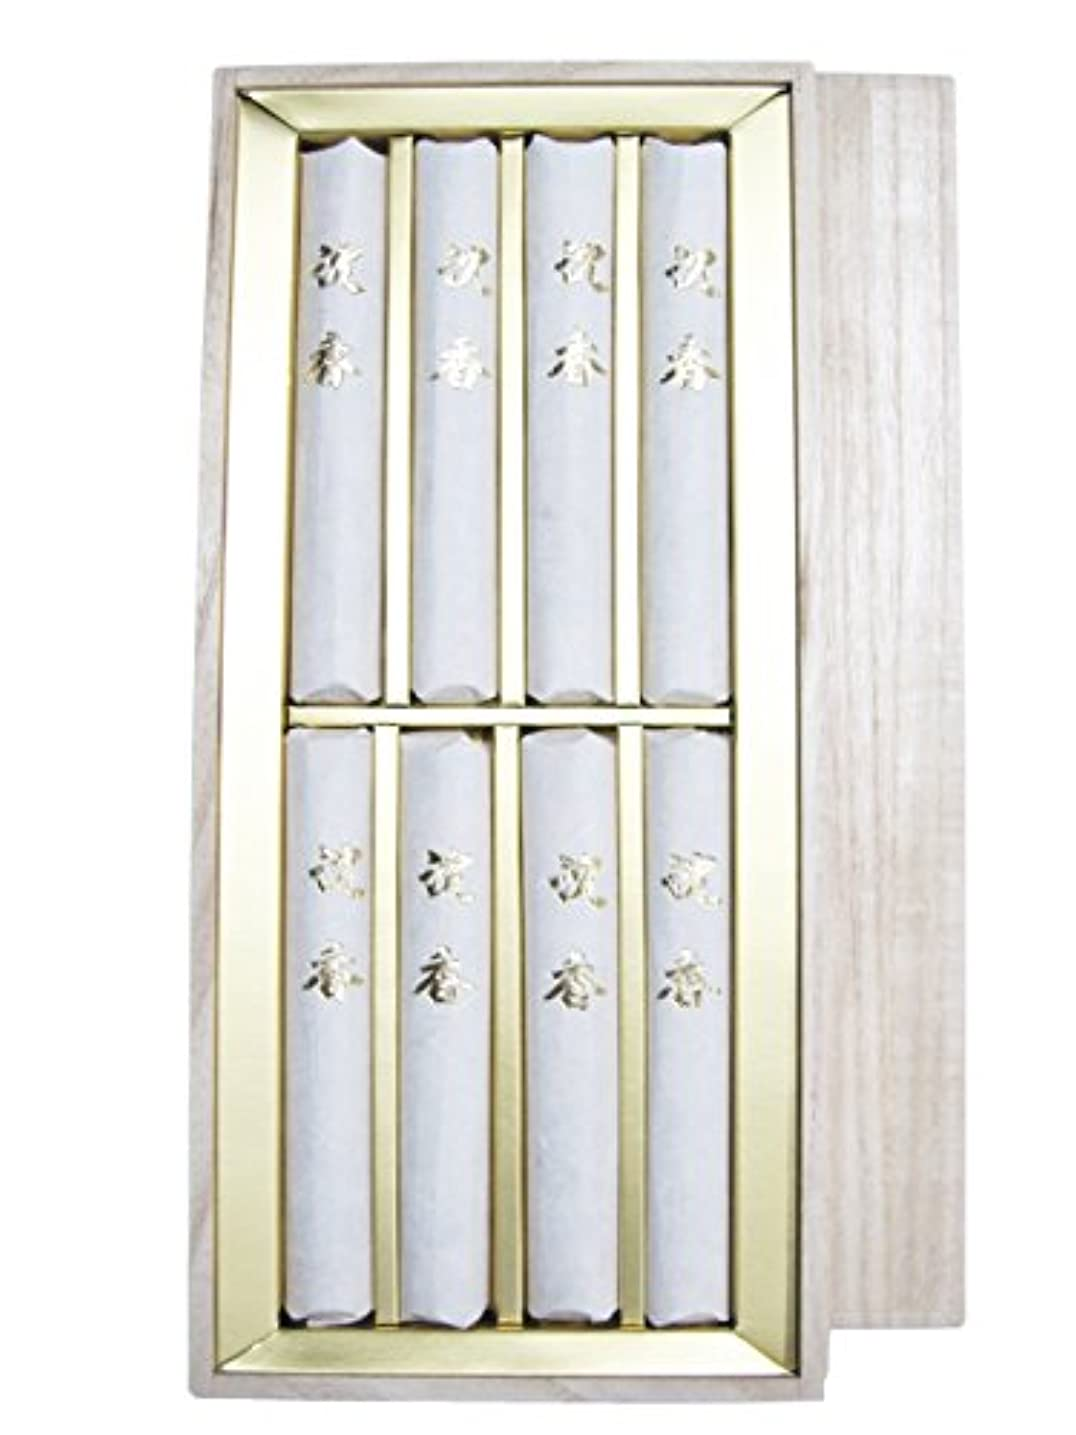 パックさせる追加淡路梅薫堂のご進物用線香 御線香贈答用 お線香ギフト 日本製 お供え物 高級品 高級線香 沈香 侘び寂び 桐箱 agarwood incense sticks wabisabi マケプレプライム #818